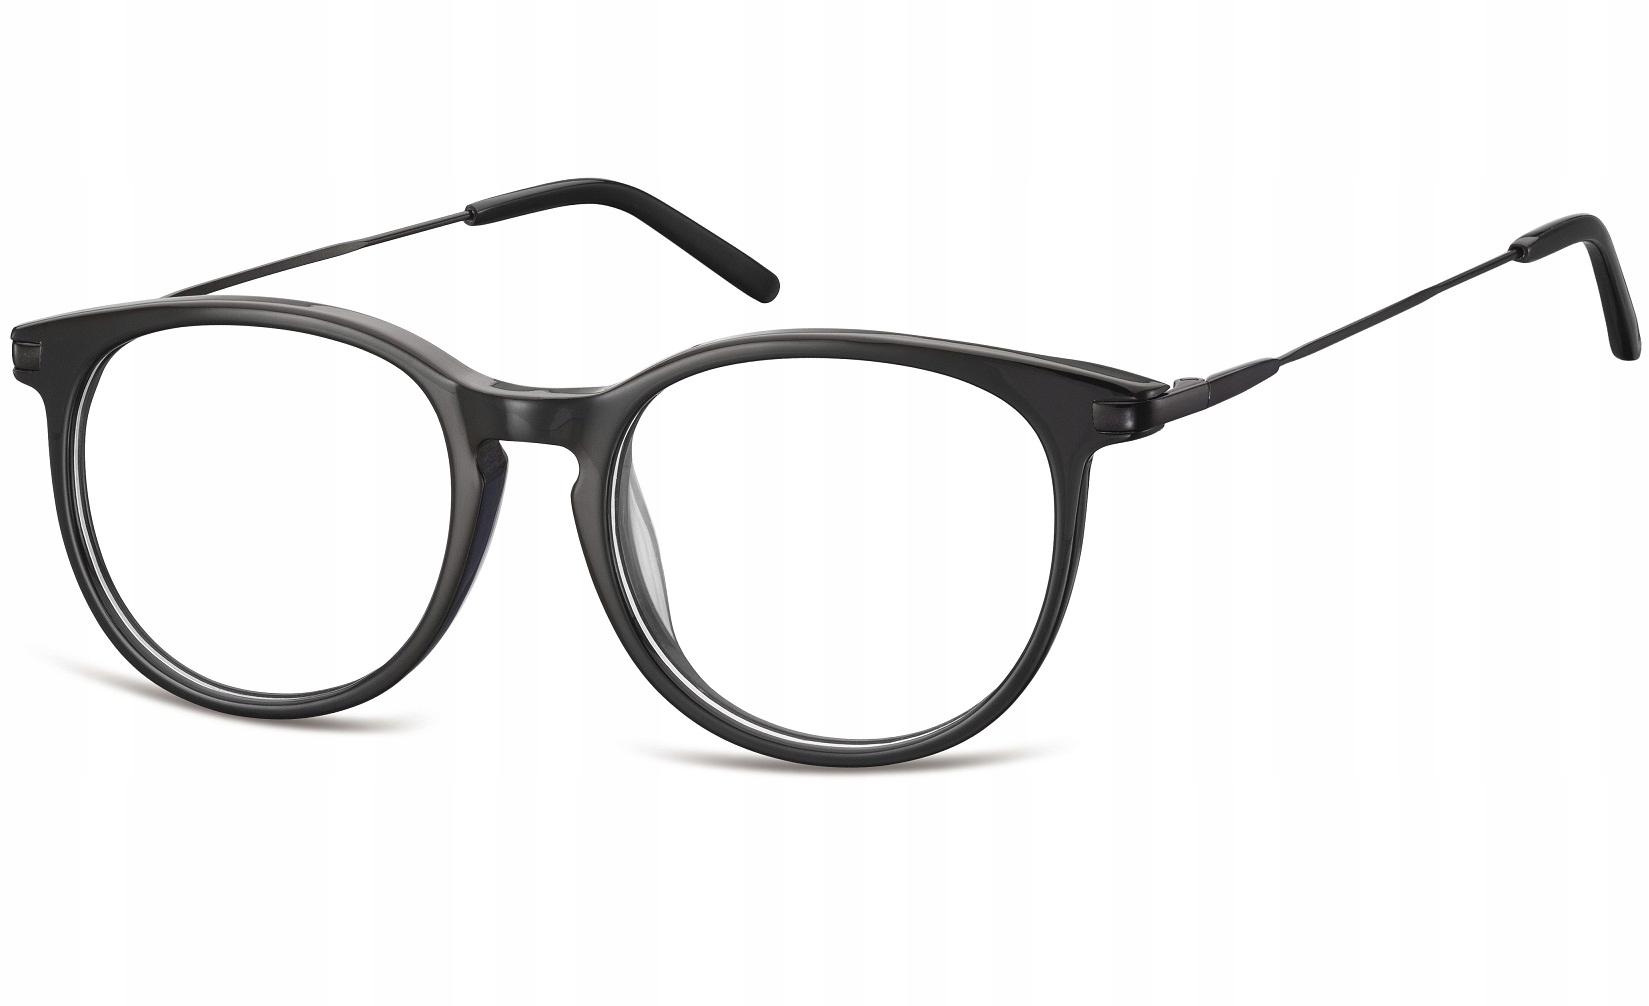 Okulary zerówki z antyrefleksem okrągłe Vinted